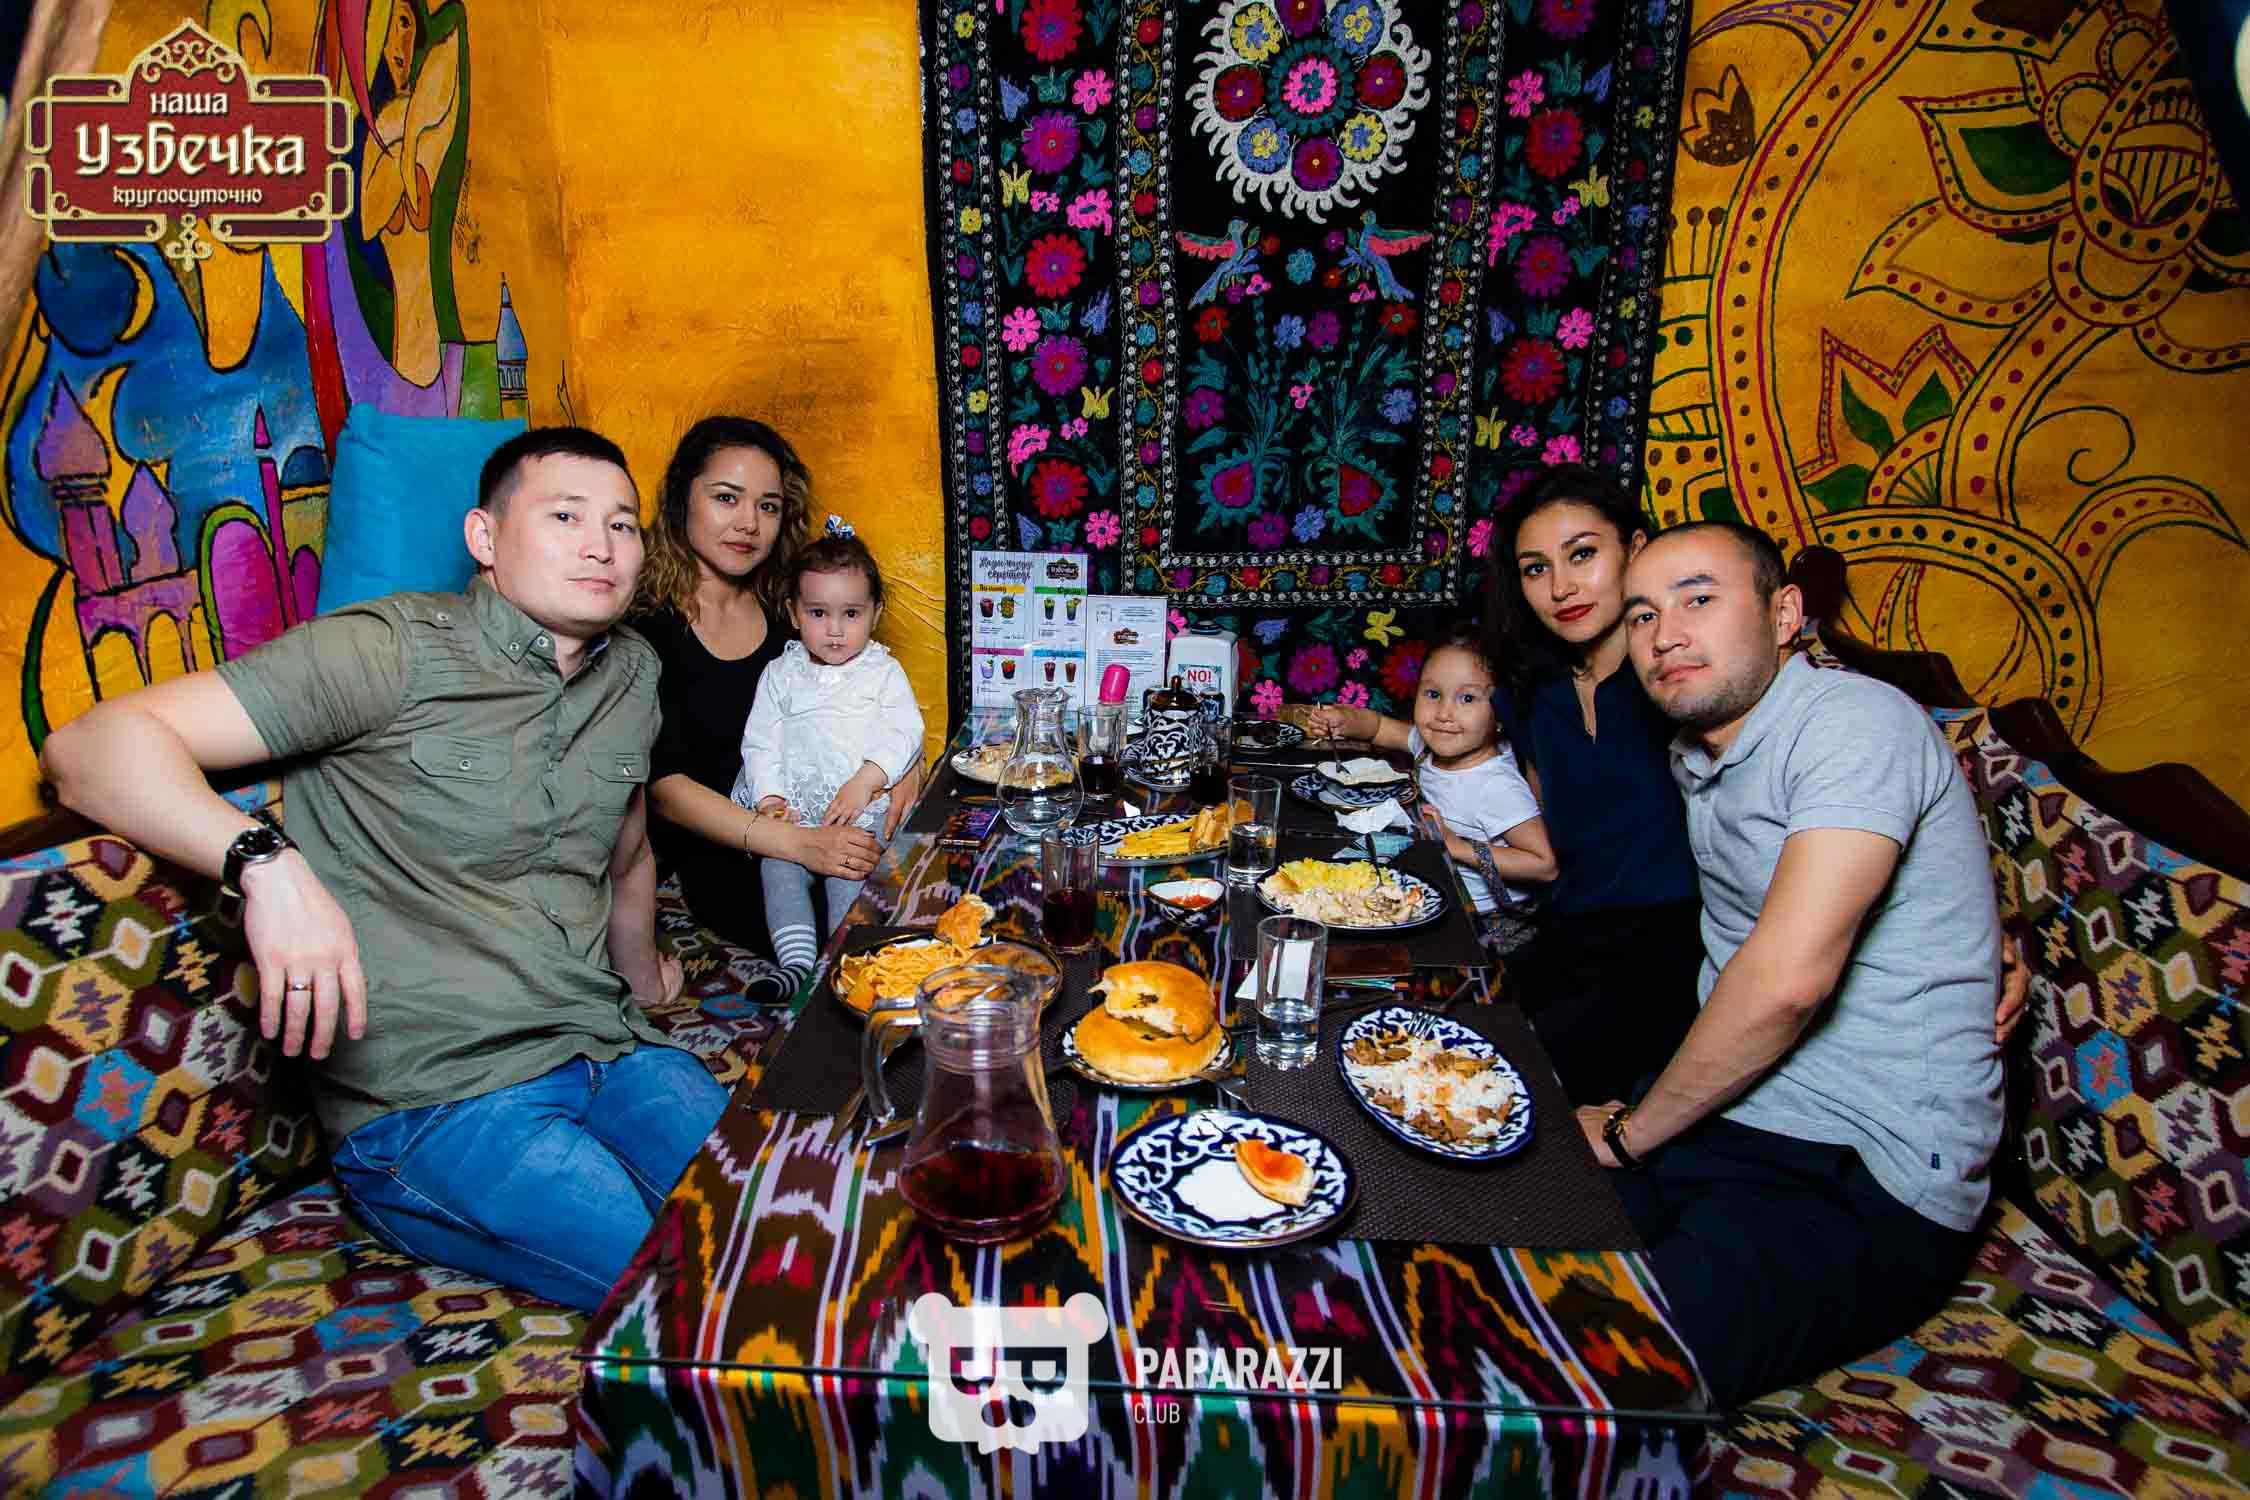 Секс узбечек ташкент, Узбекский секс видео молодой красавицы из Ташкента 21 фотография